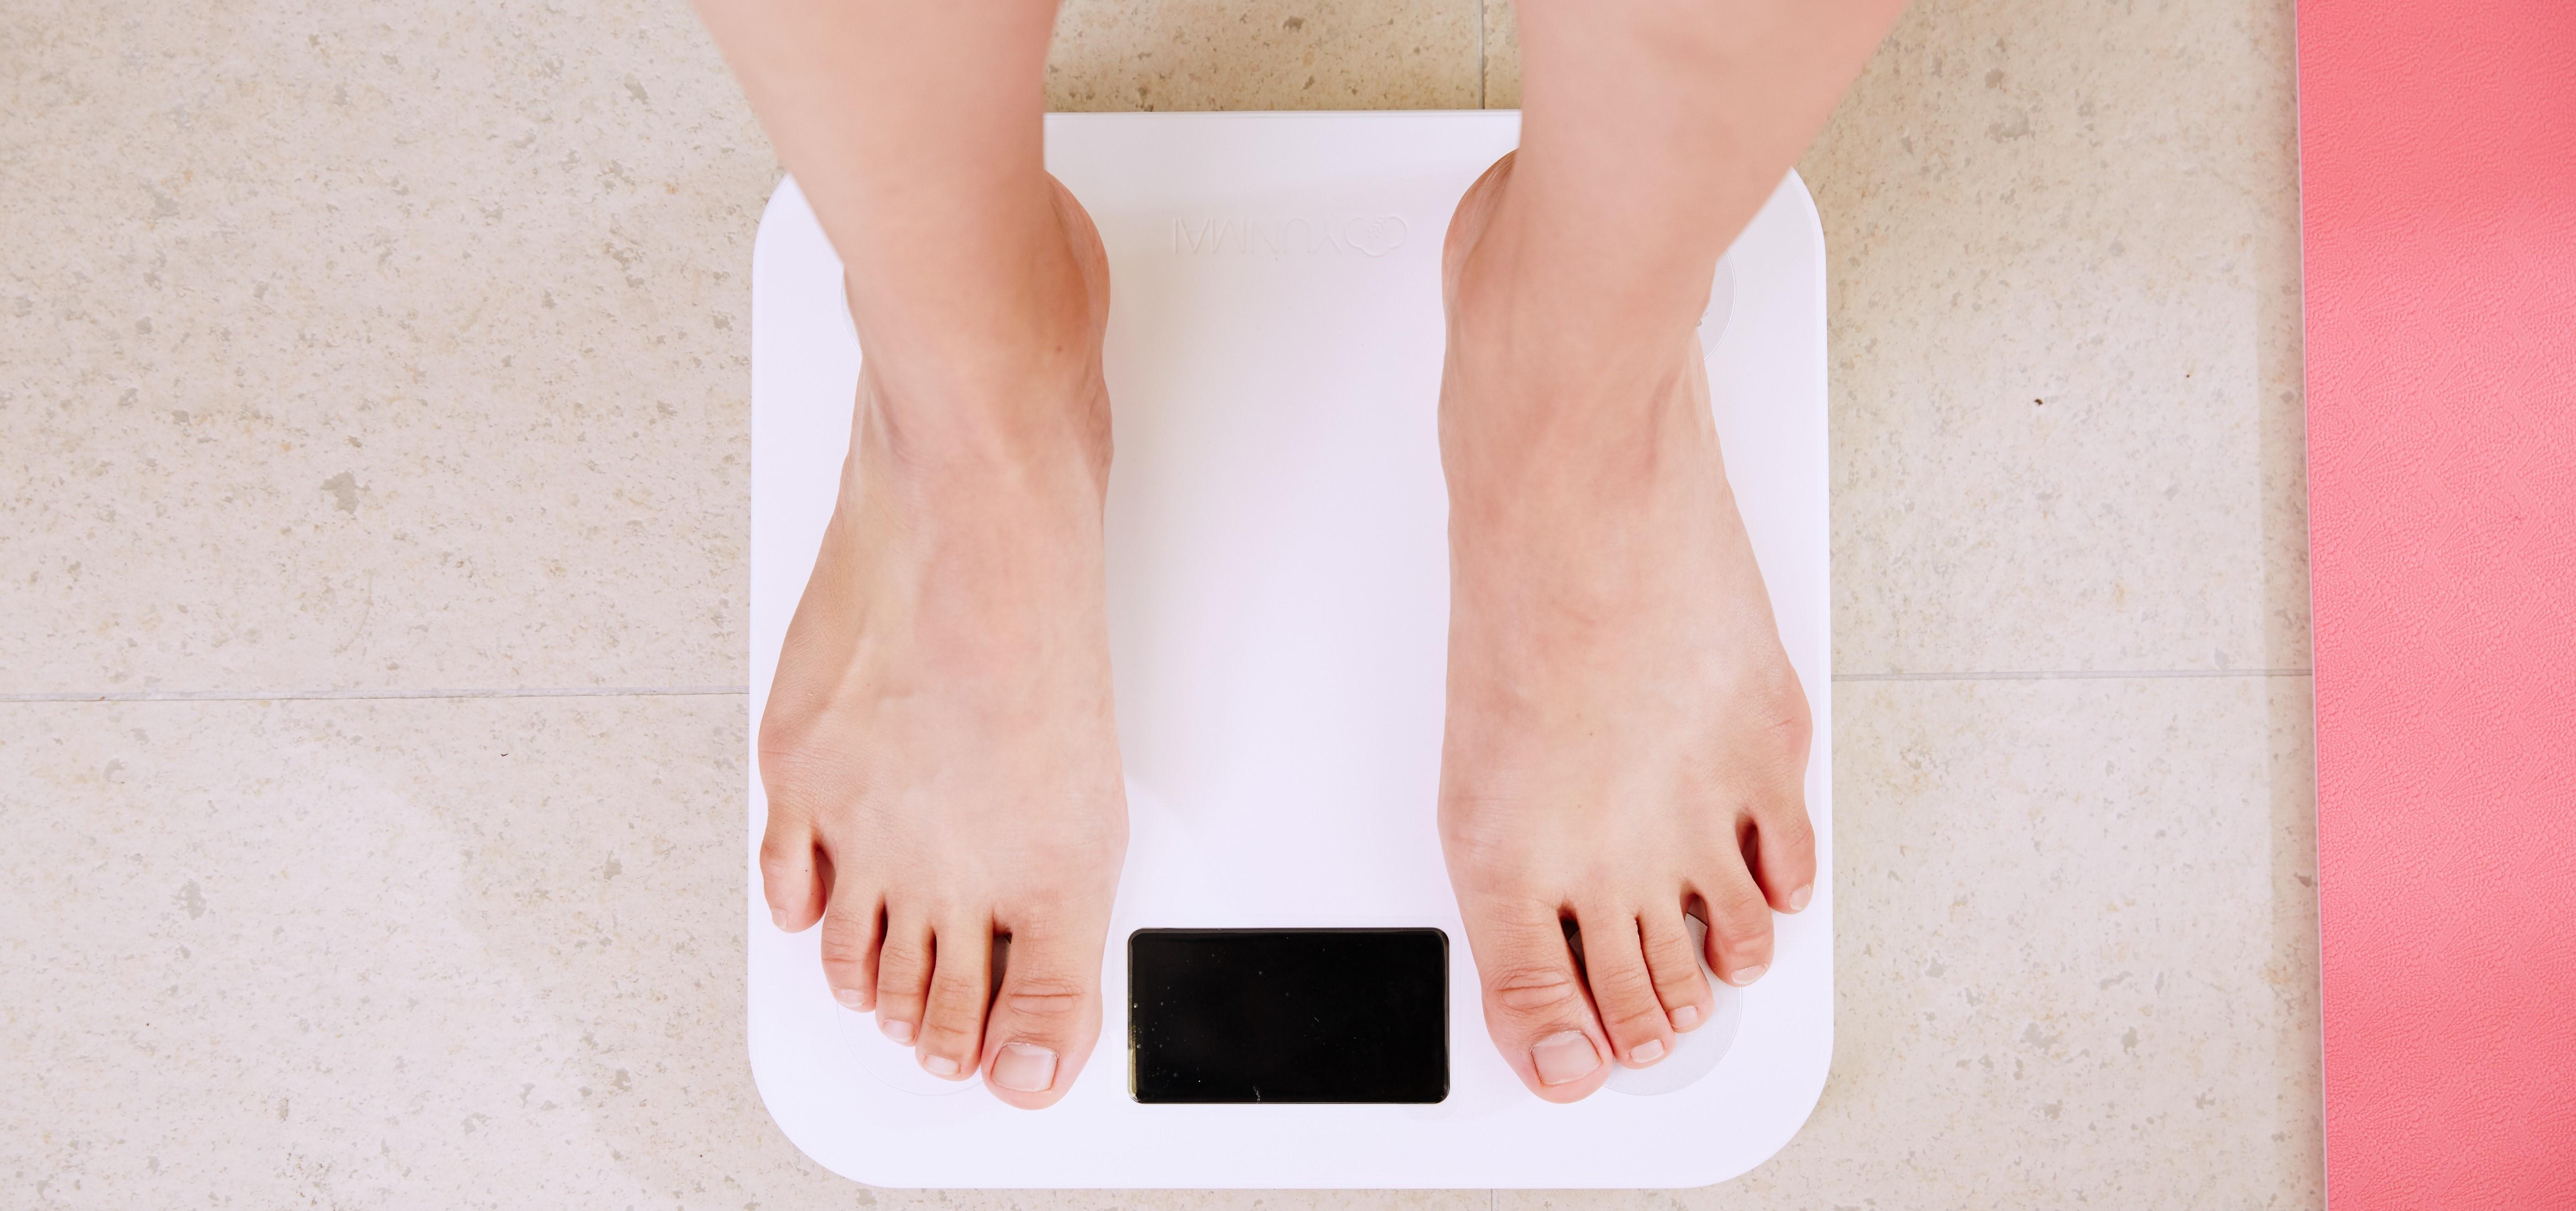 nadwaga-otylosc